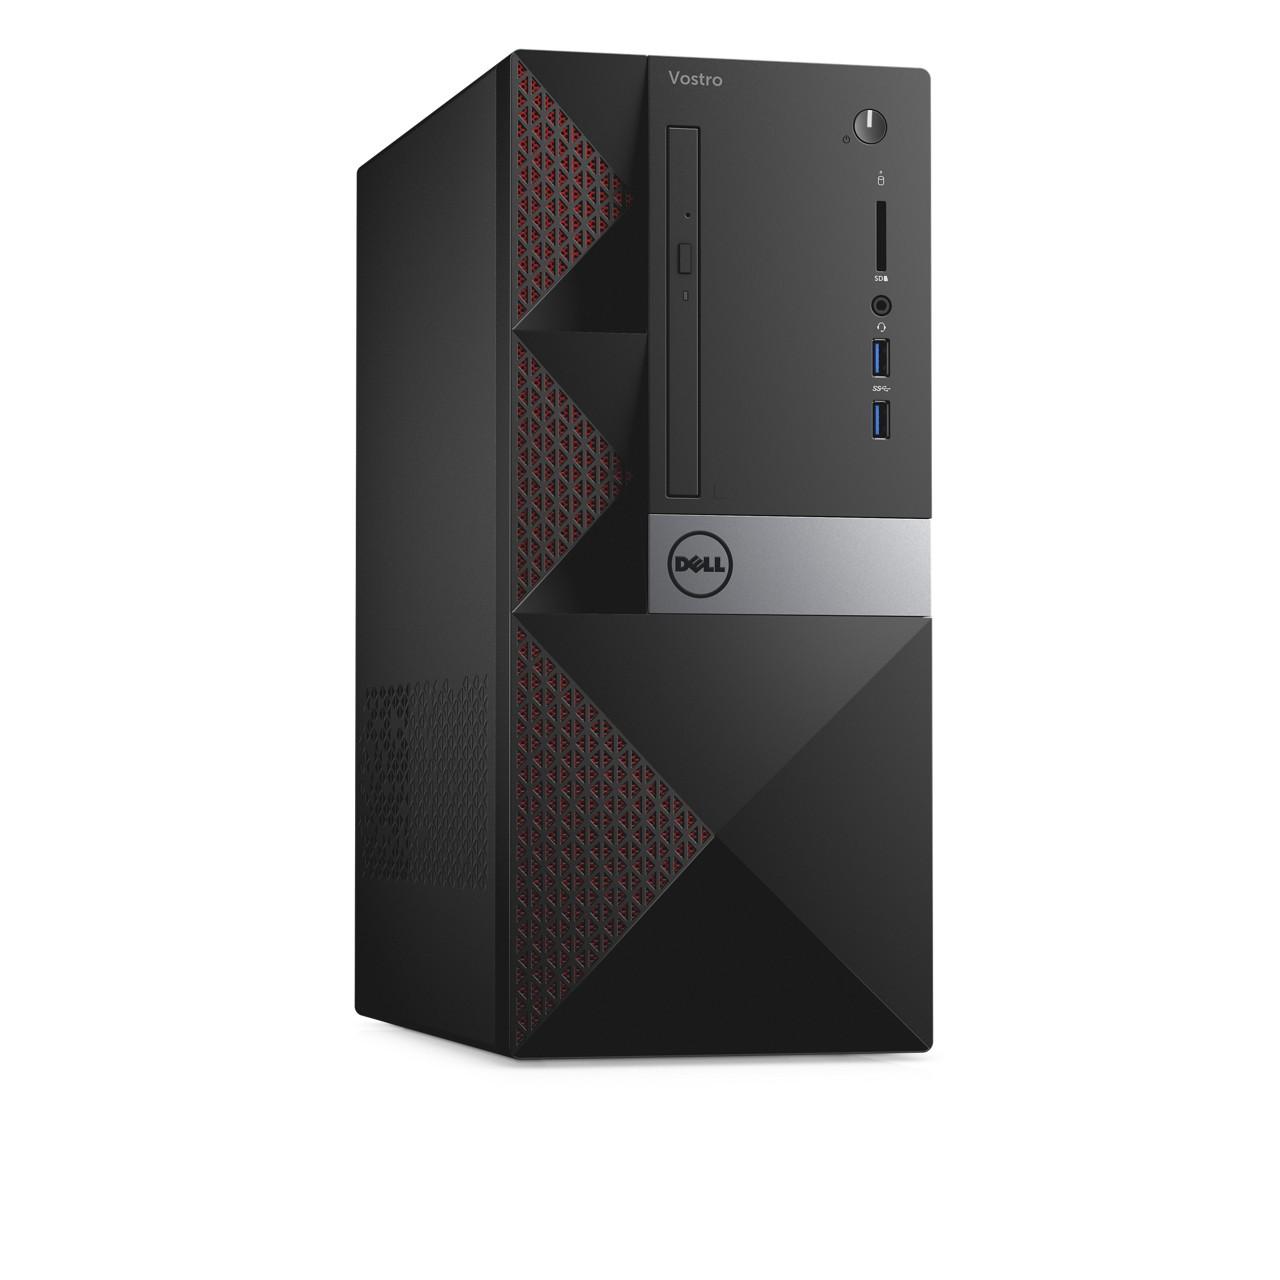 DELL Vostro 3668 MT/i5-7400/4GB/1TB/Intel HD/DVD-RW/Win10 Pro 64bit